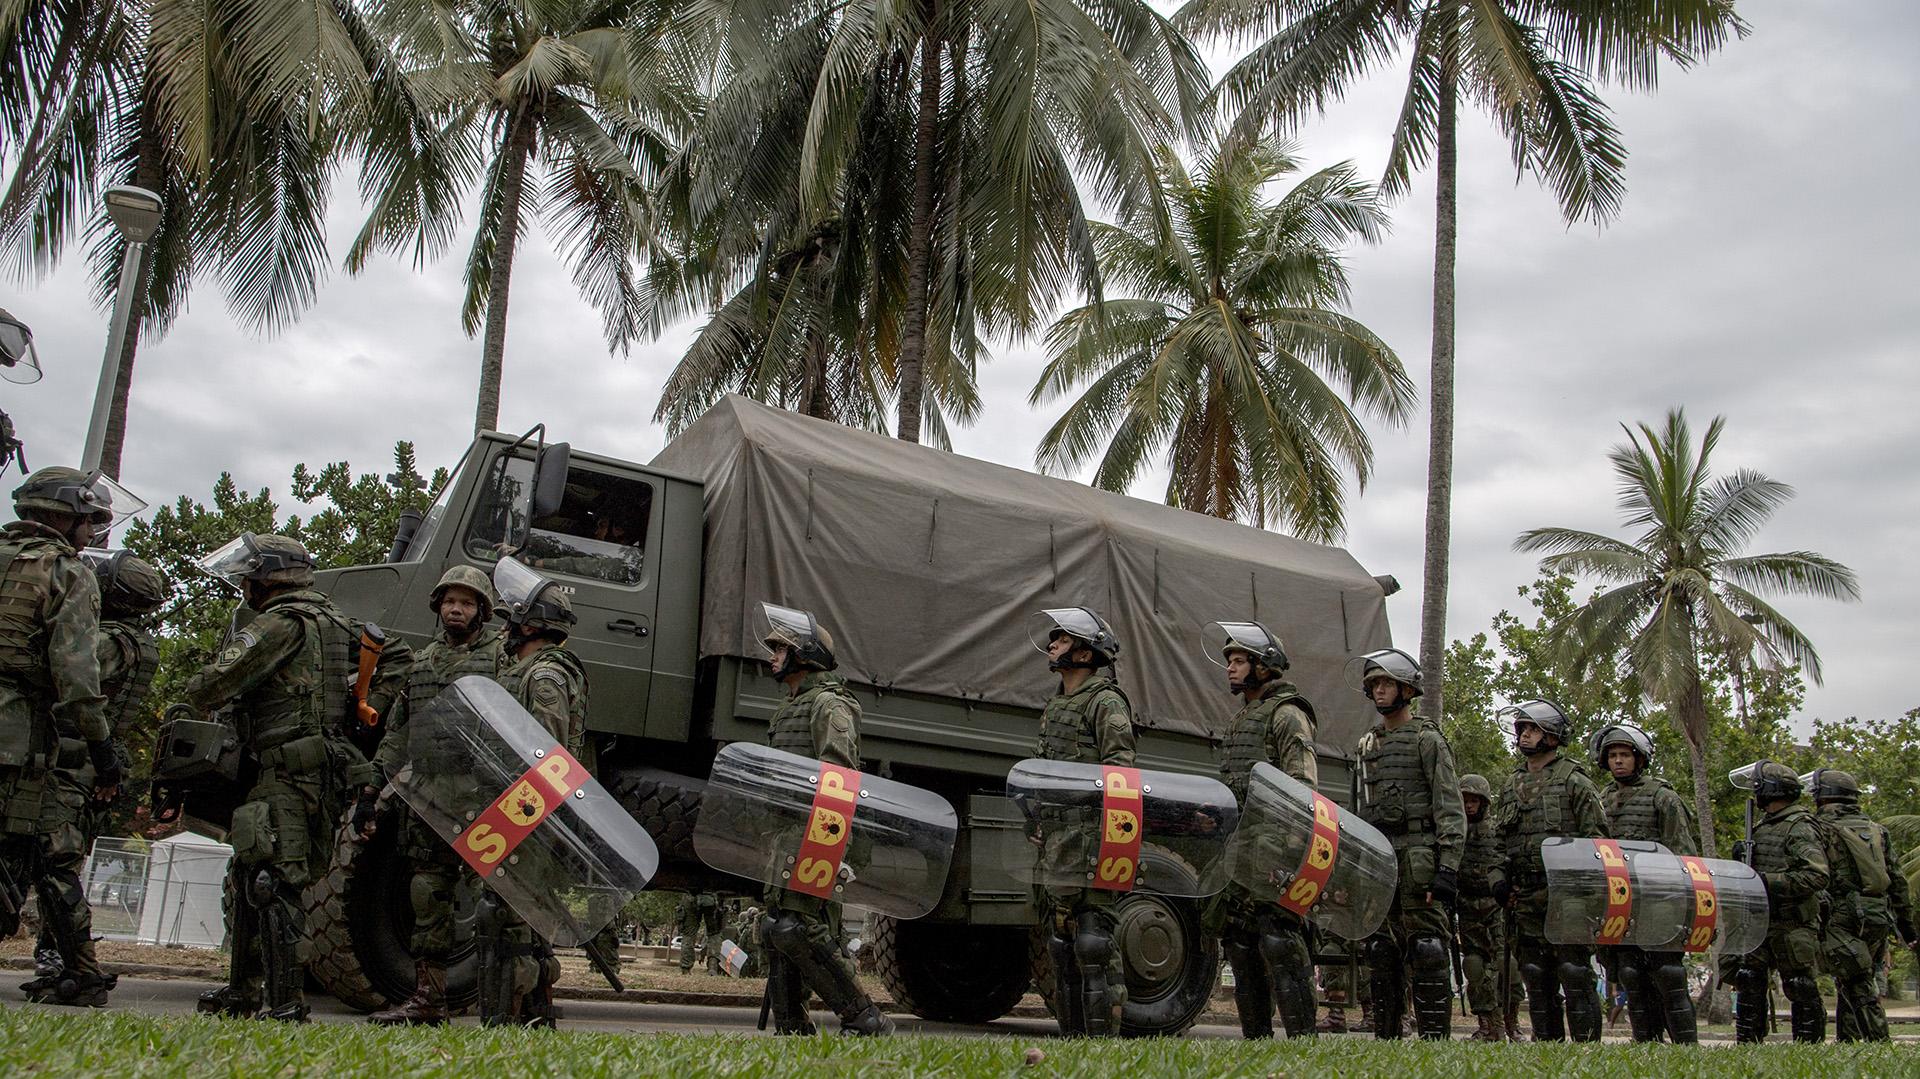 Además de la hipótesis de un atentado terrorista, se esperan eventuales disturbios políticos motivados por el polémico proceso de impeachment a la suspendida presidenta Dilma Rousseff (AFP)